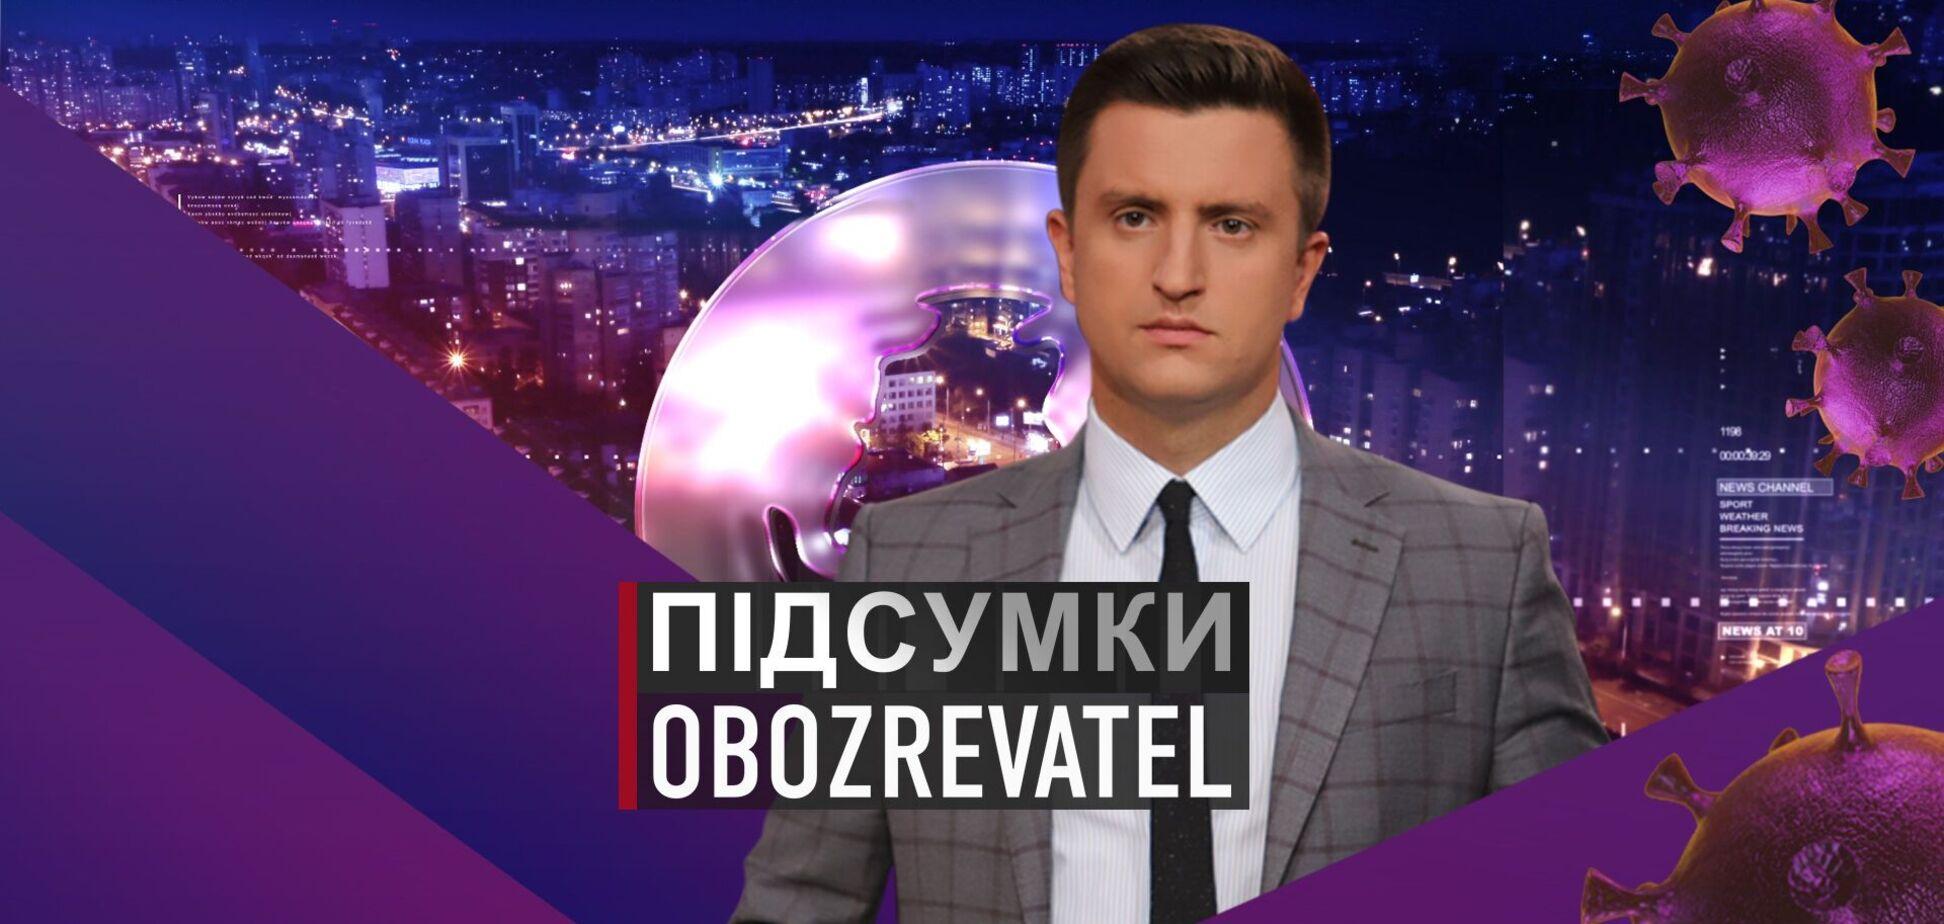 Підсумки с Вадимом Колодийчуком. Среда, 14 апреля